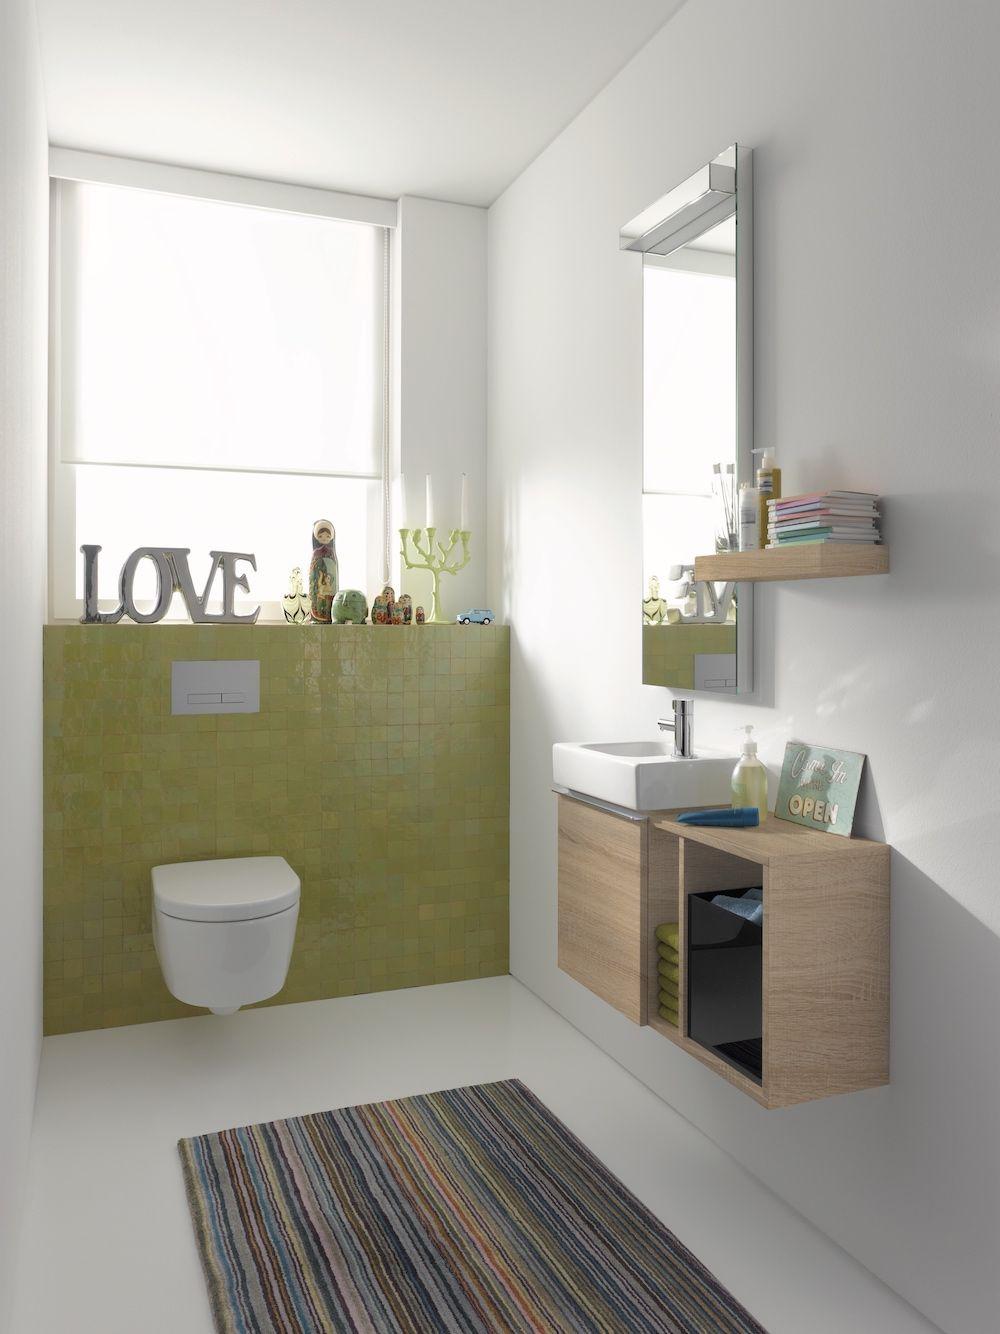 Hoe richt je een kleine badkamer in